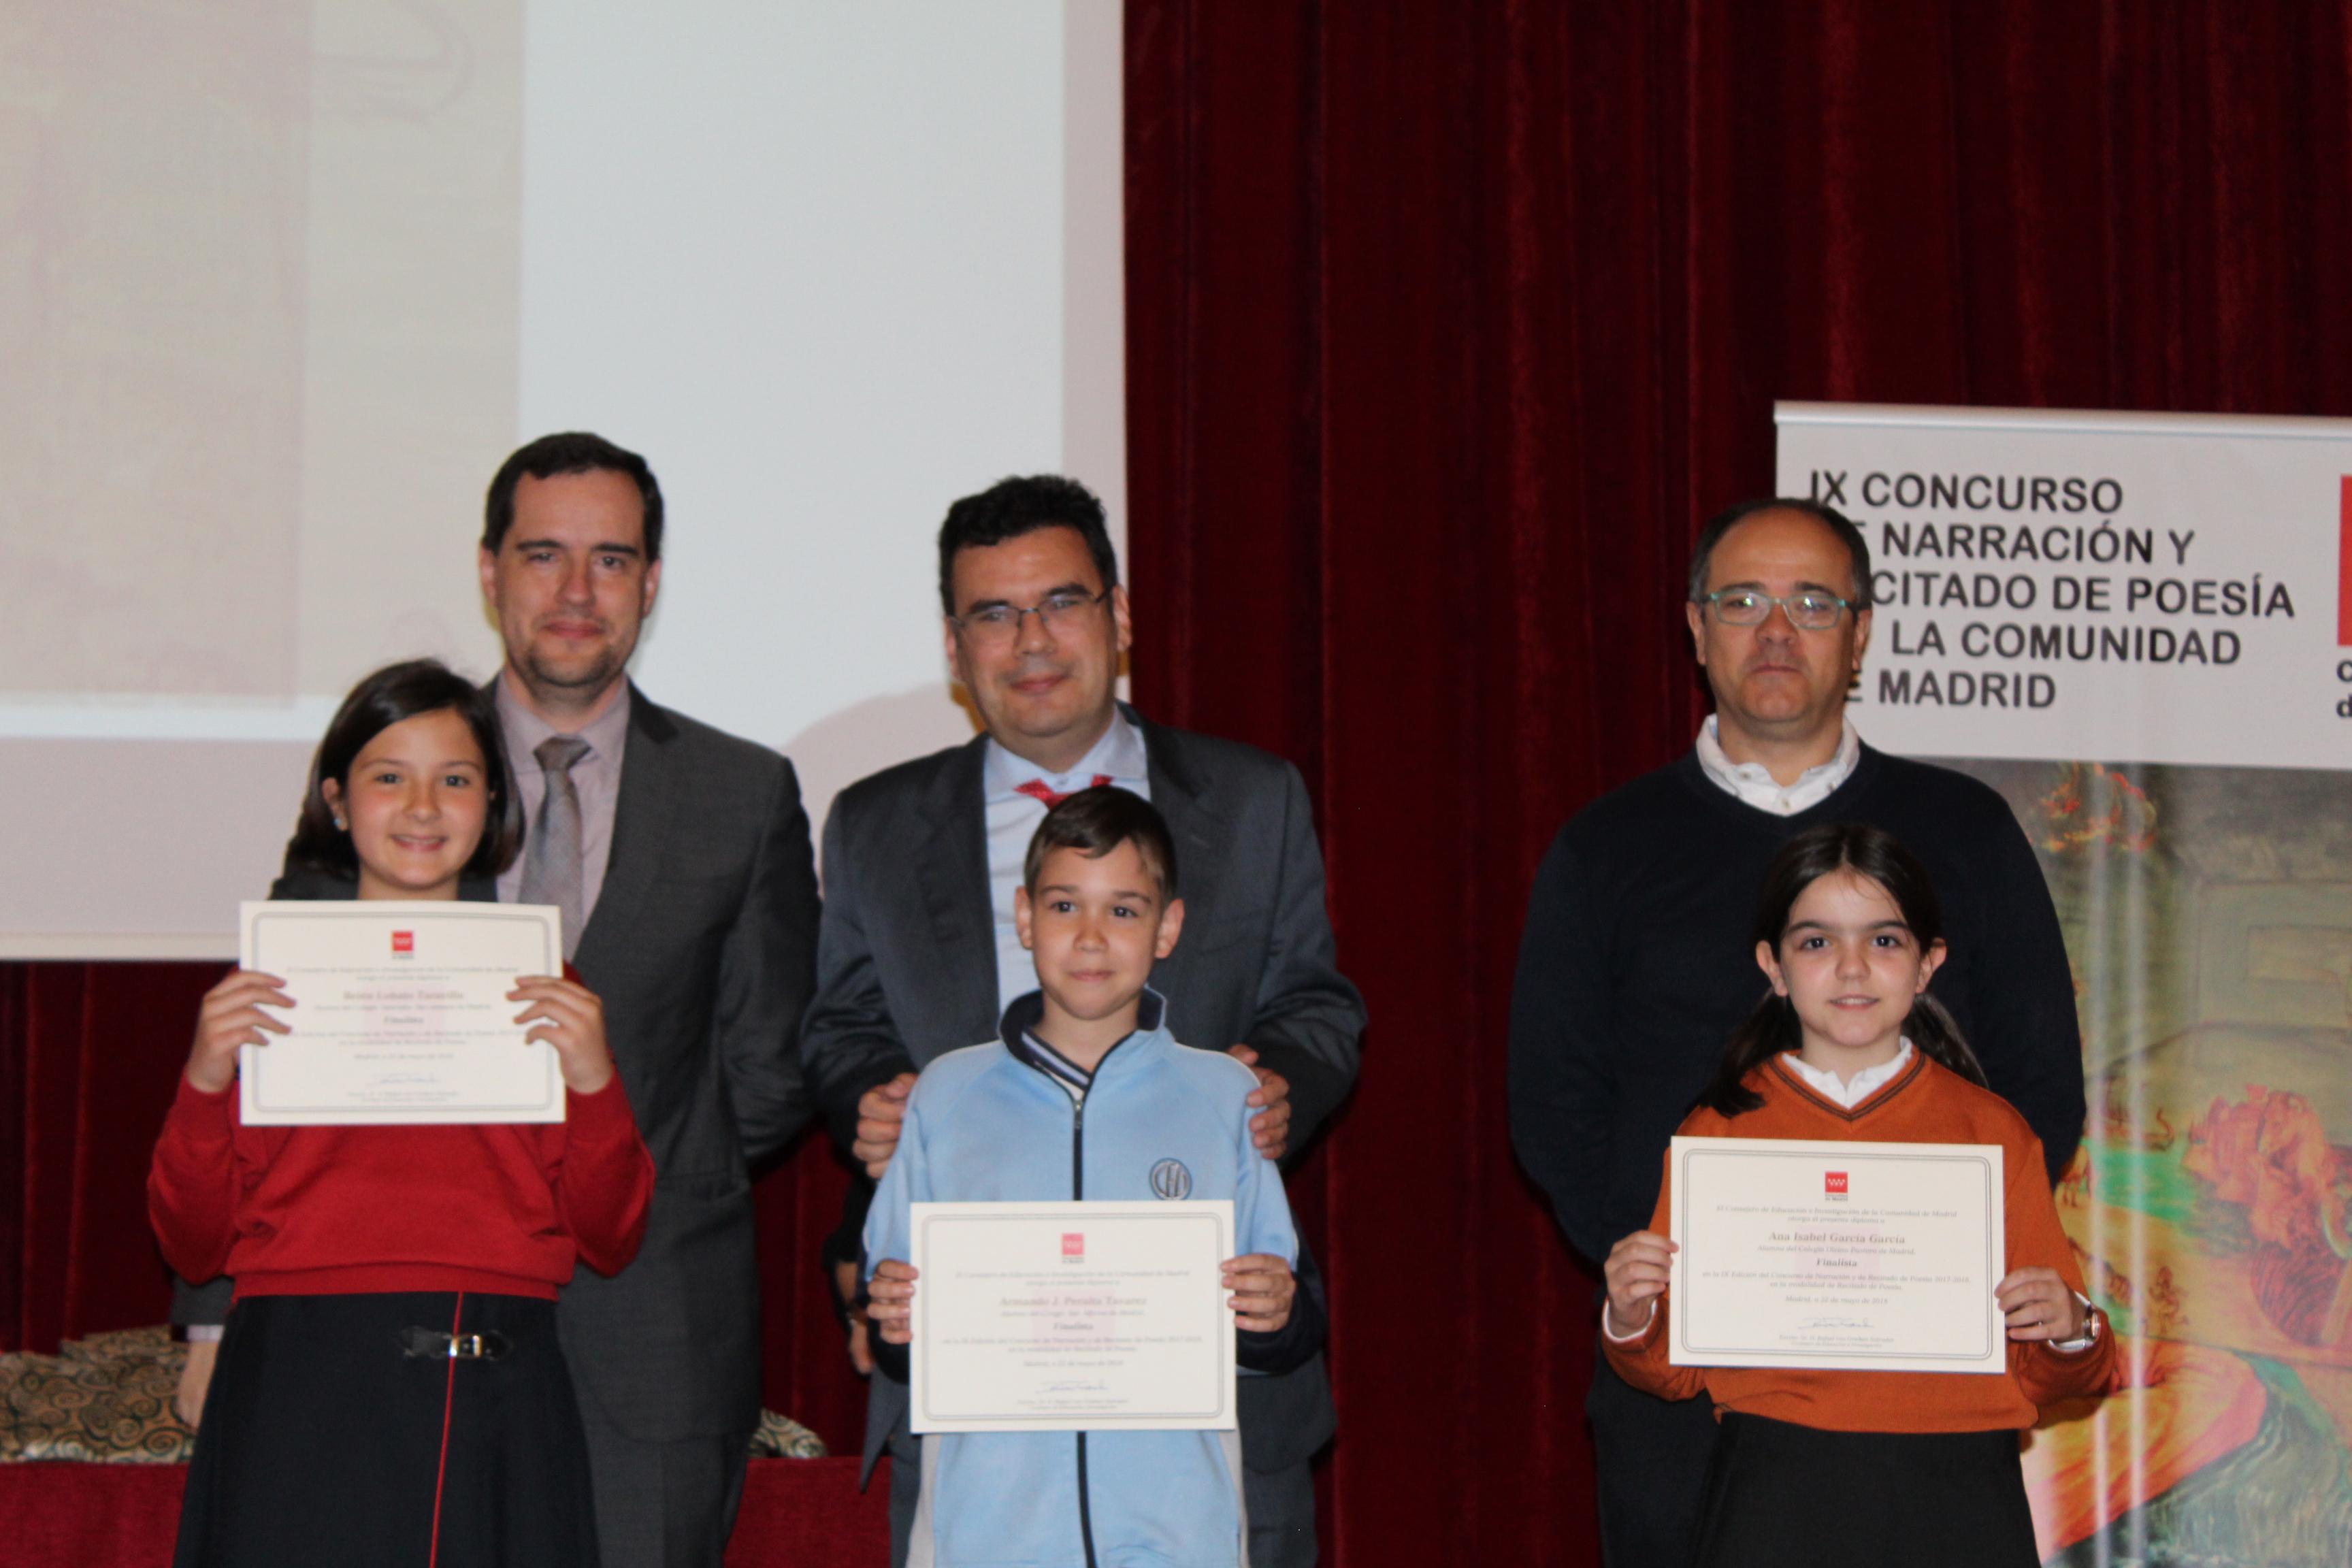 Entrega de los premios del IX Concurso de Narración y Recitado de Poesía 22